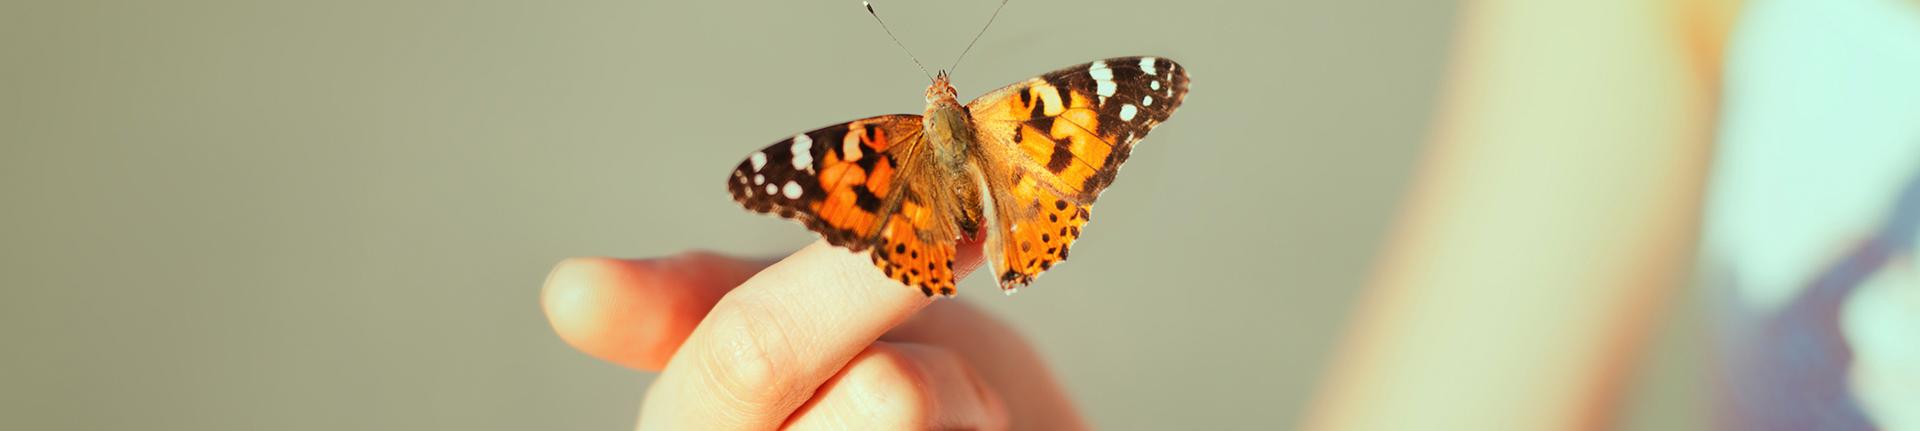 Metamorfose: vida em transformação